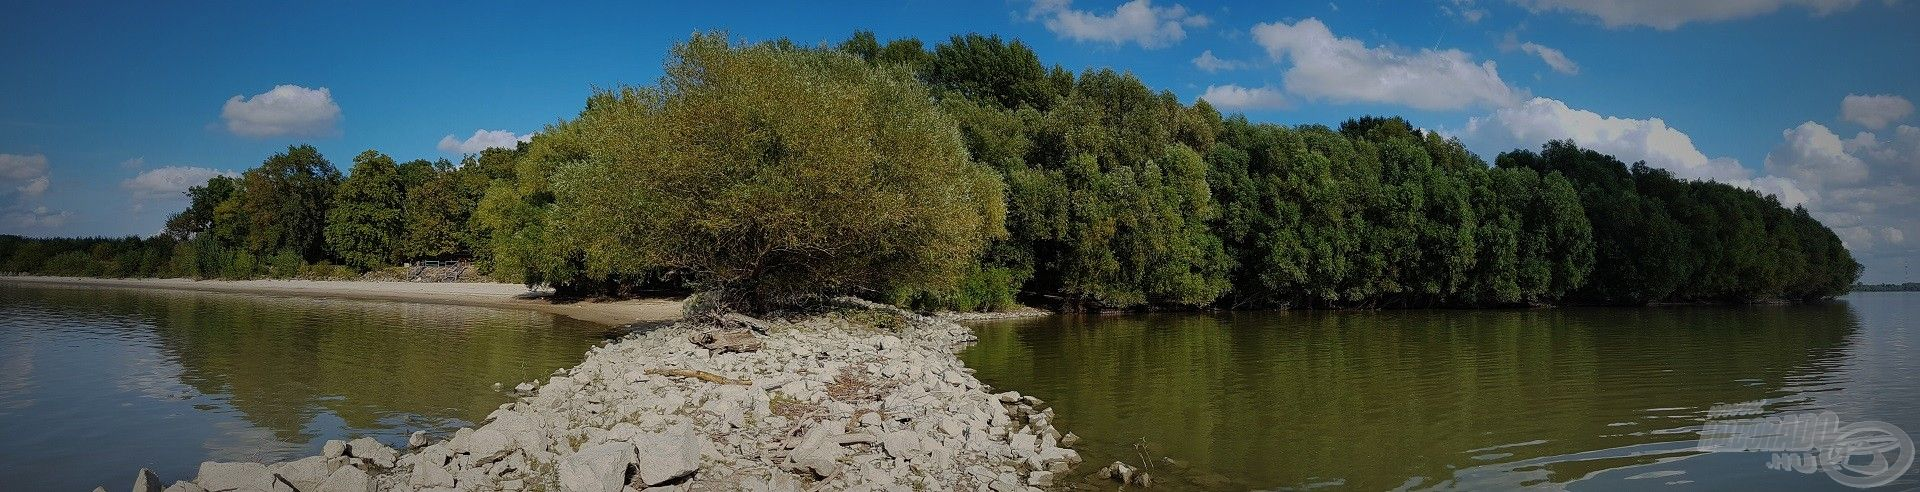 A meszesi kőgát egykoron igen népszerű horgászhely volt, manapság viszont egyre kevesebben látogatják